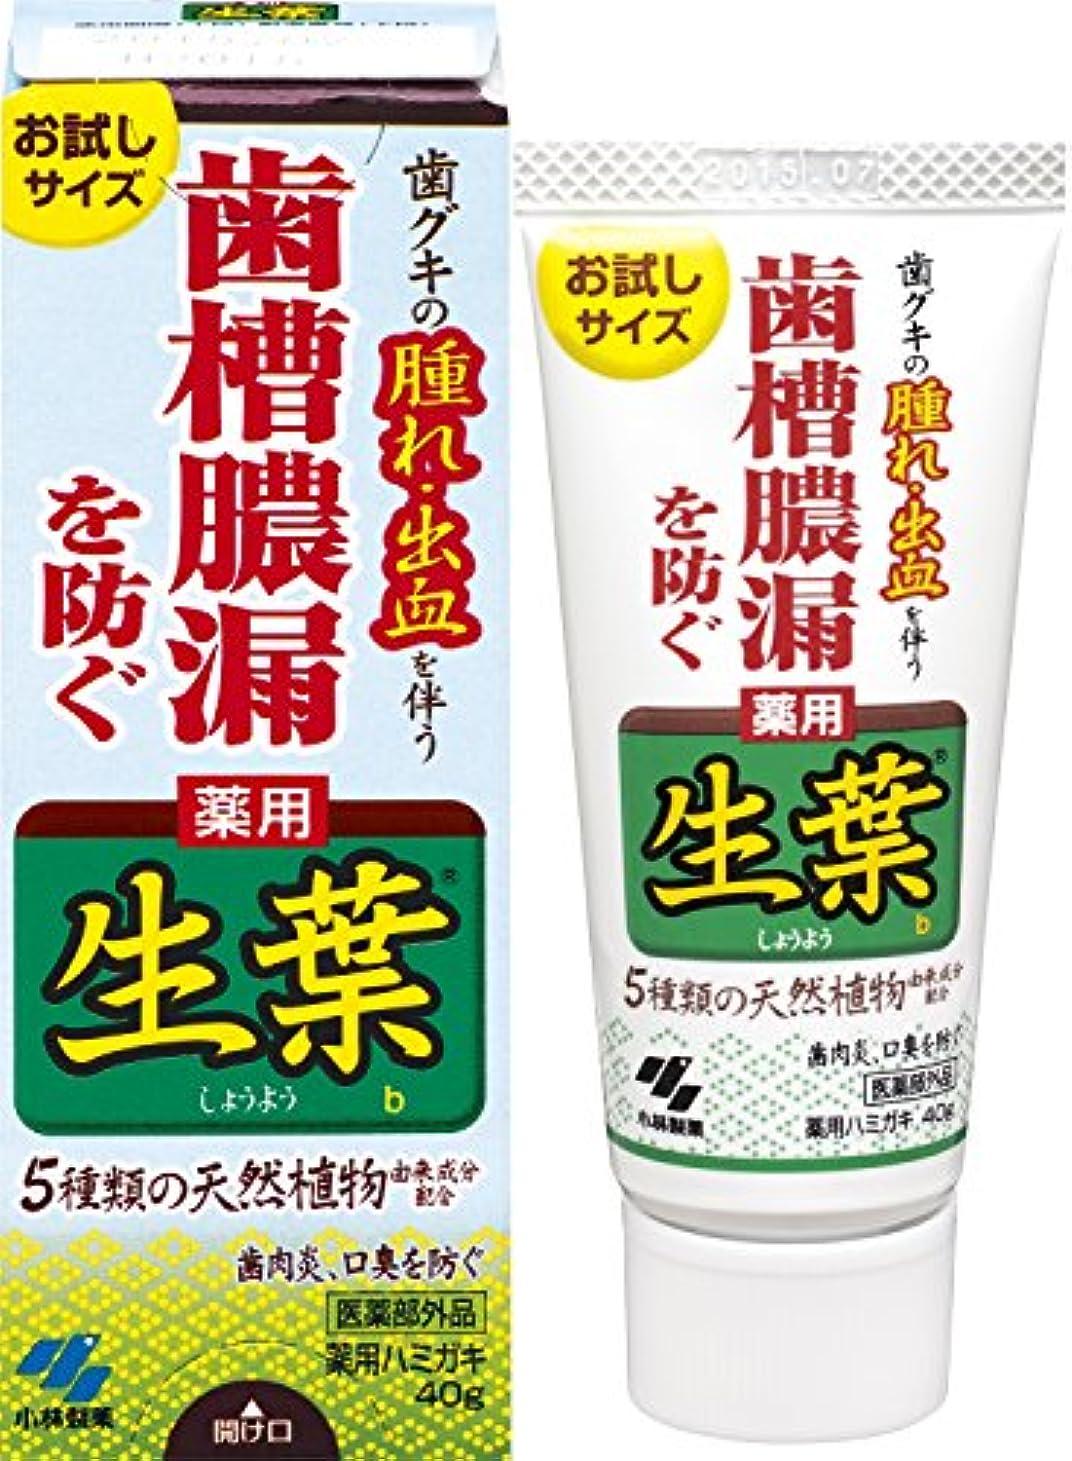 硬い暴露するハウジング生葉(しょうよう)お試しサイズ 歯槽膿漏を防ぐ 薬用ハミガキ ハーブミント味 40g 【医薬部外品】